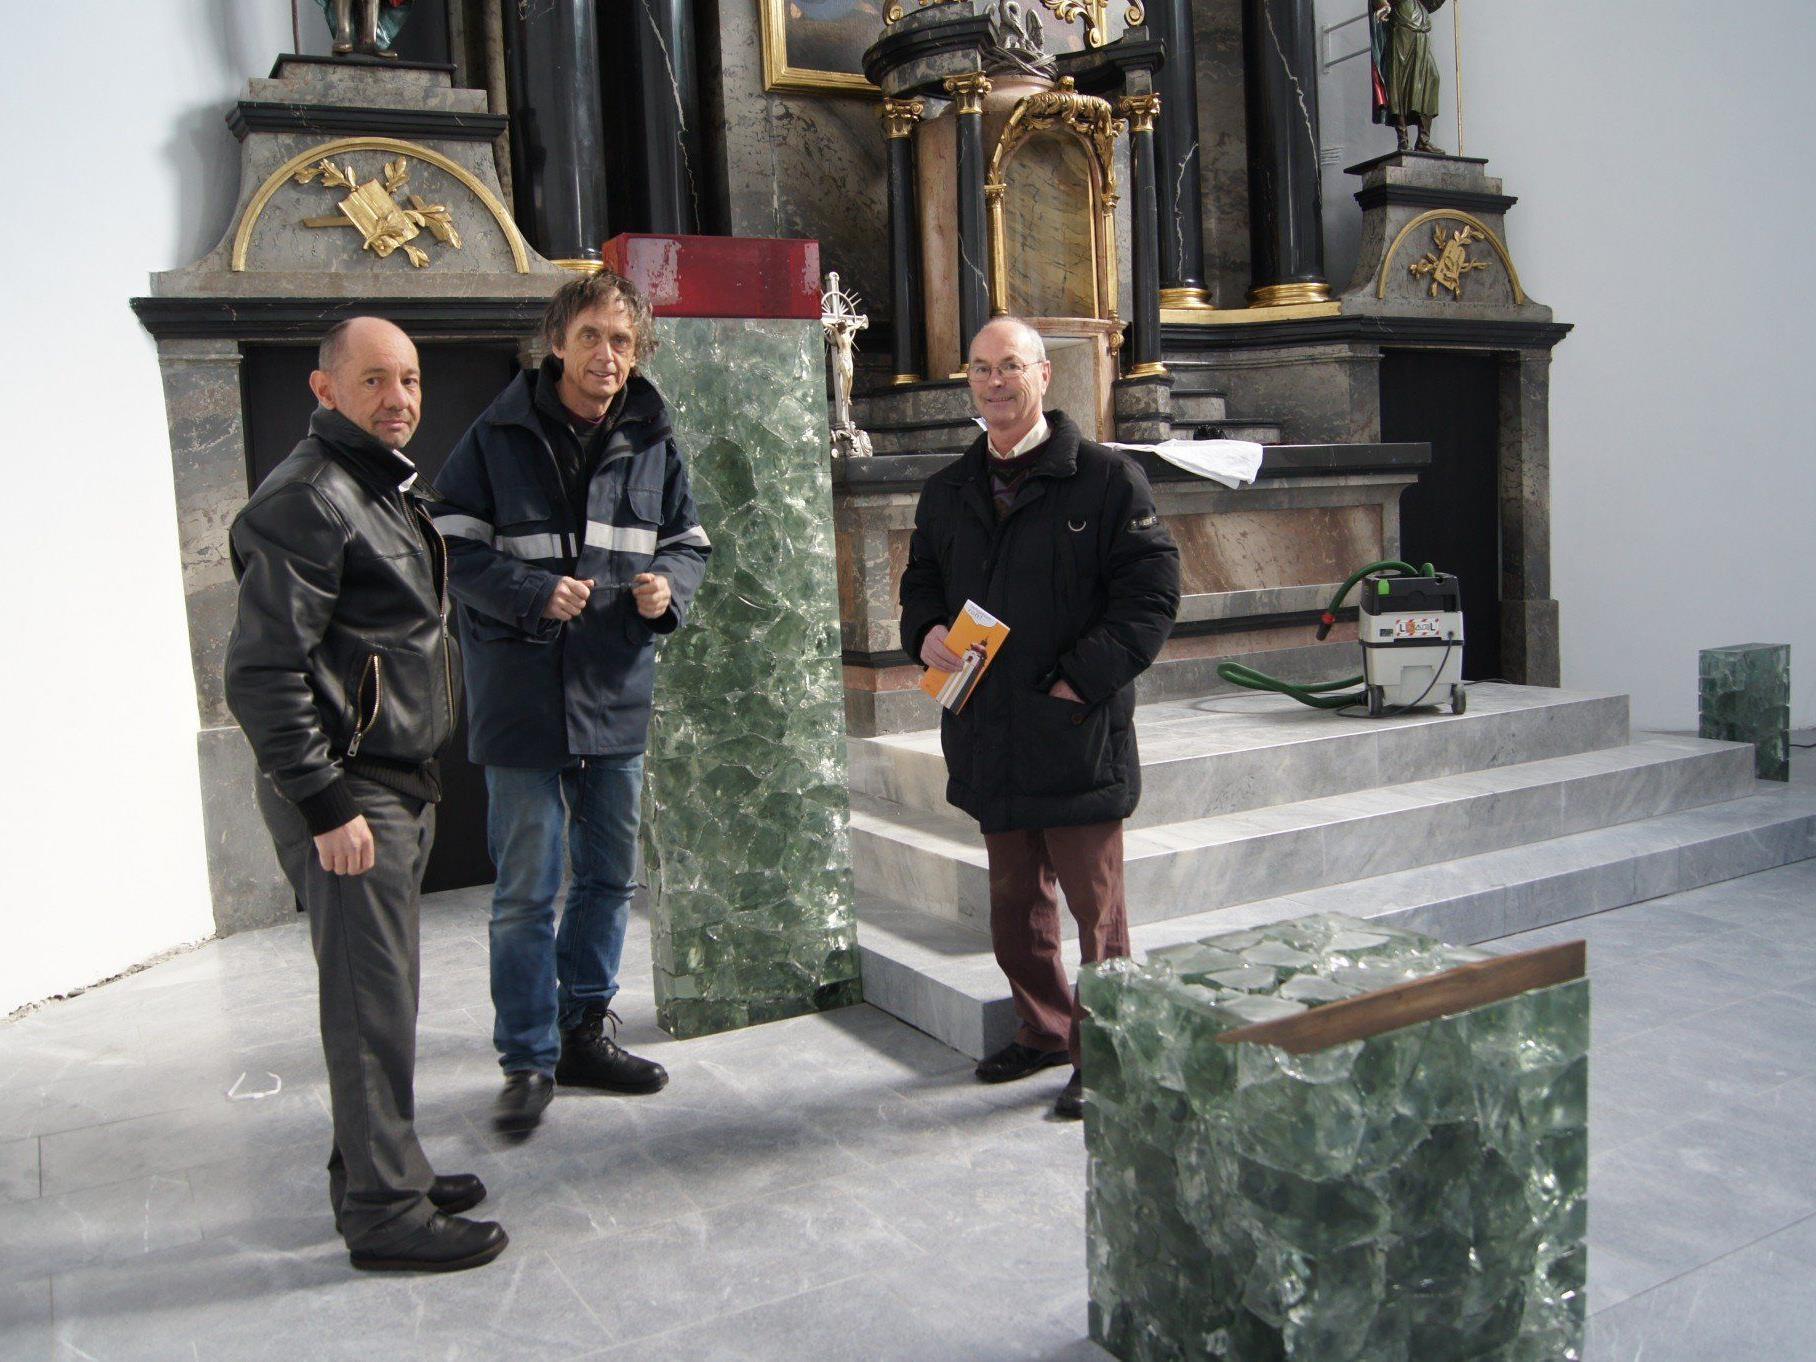 Diözesanbaumeister Hebert Berchtold, Architekt Ernst Beneder und Mag. Wolfgang Klocker besprechen letzte Details.